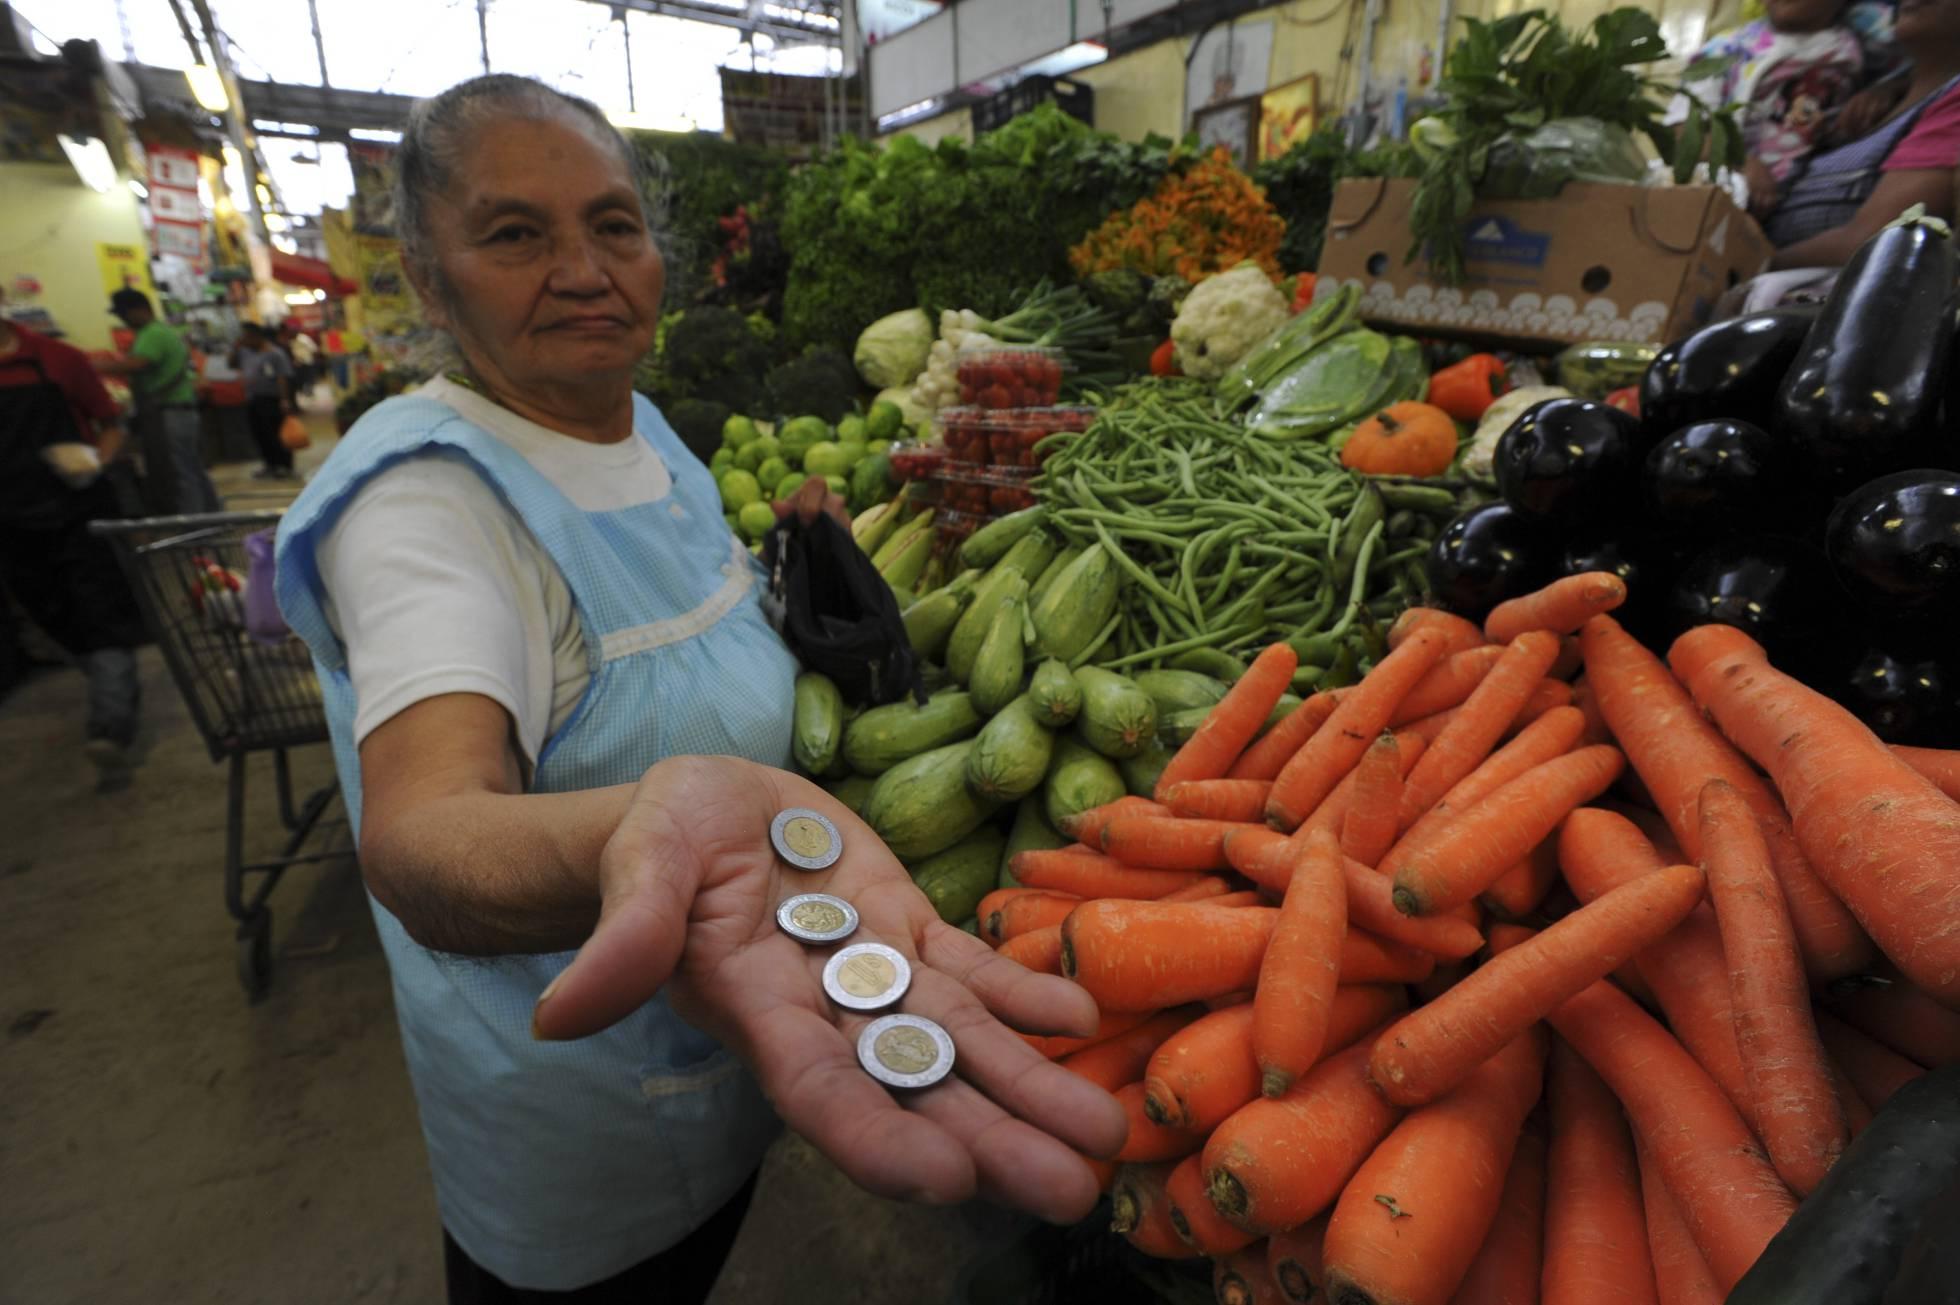 1515809534 735491 1515810275 noticia normal recorte1 - Poder adquisitivo de los trabajadores mexicanos cayó 81%